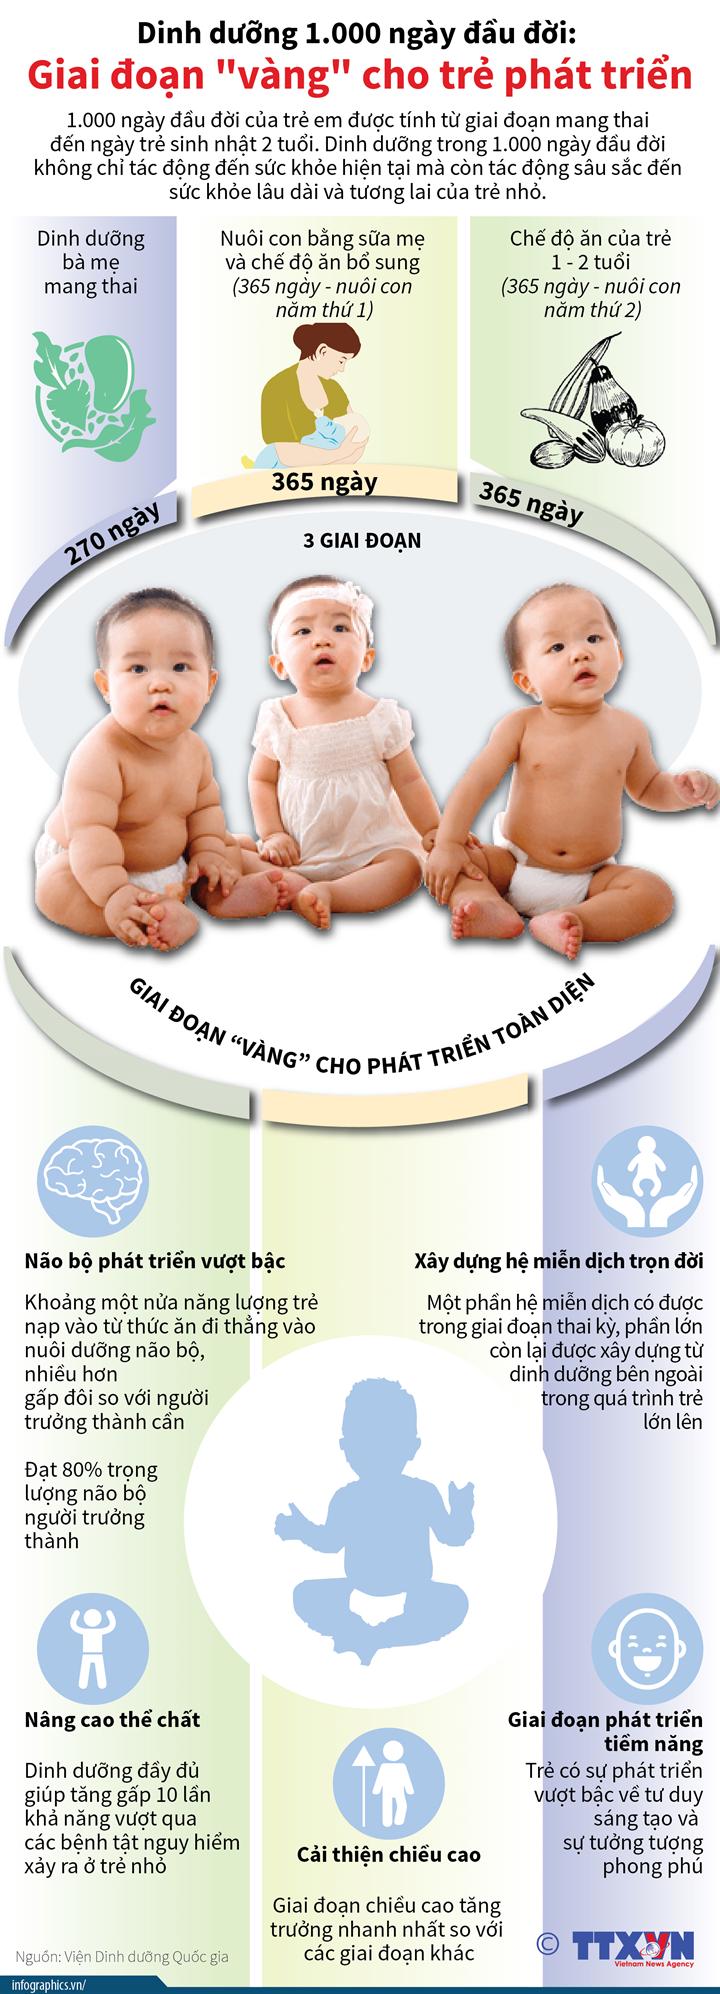 """Dinh dưỡng 1.000 ngày đầu đời: Giai đoạn """"vàng"""" cho trẻ phát triển"""